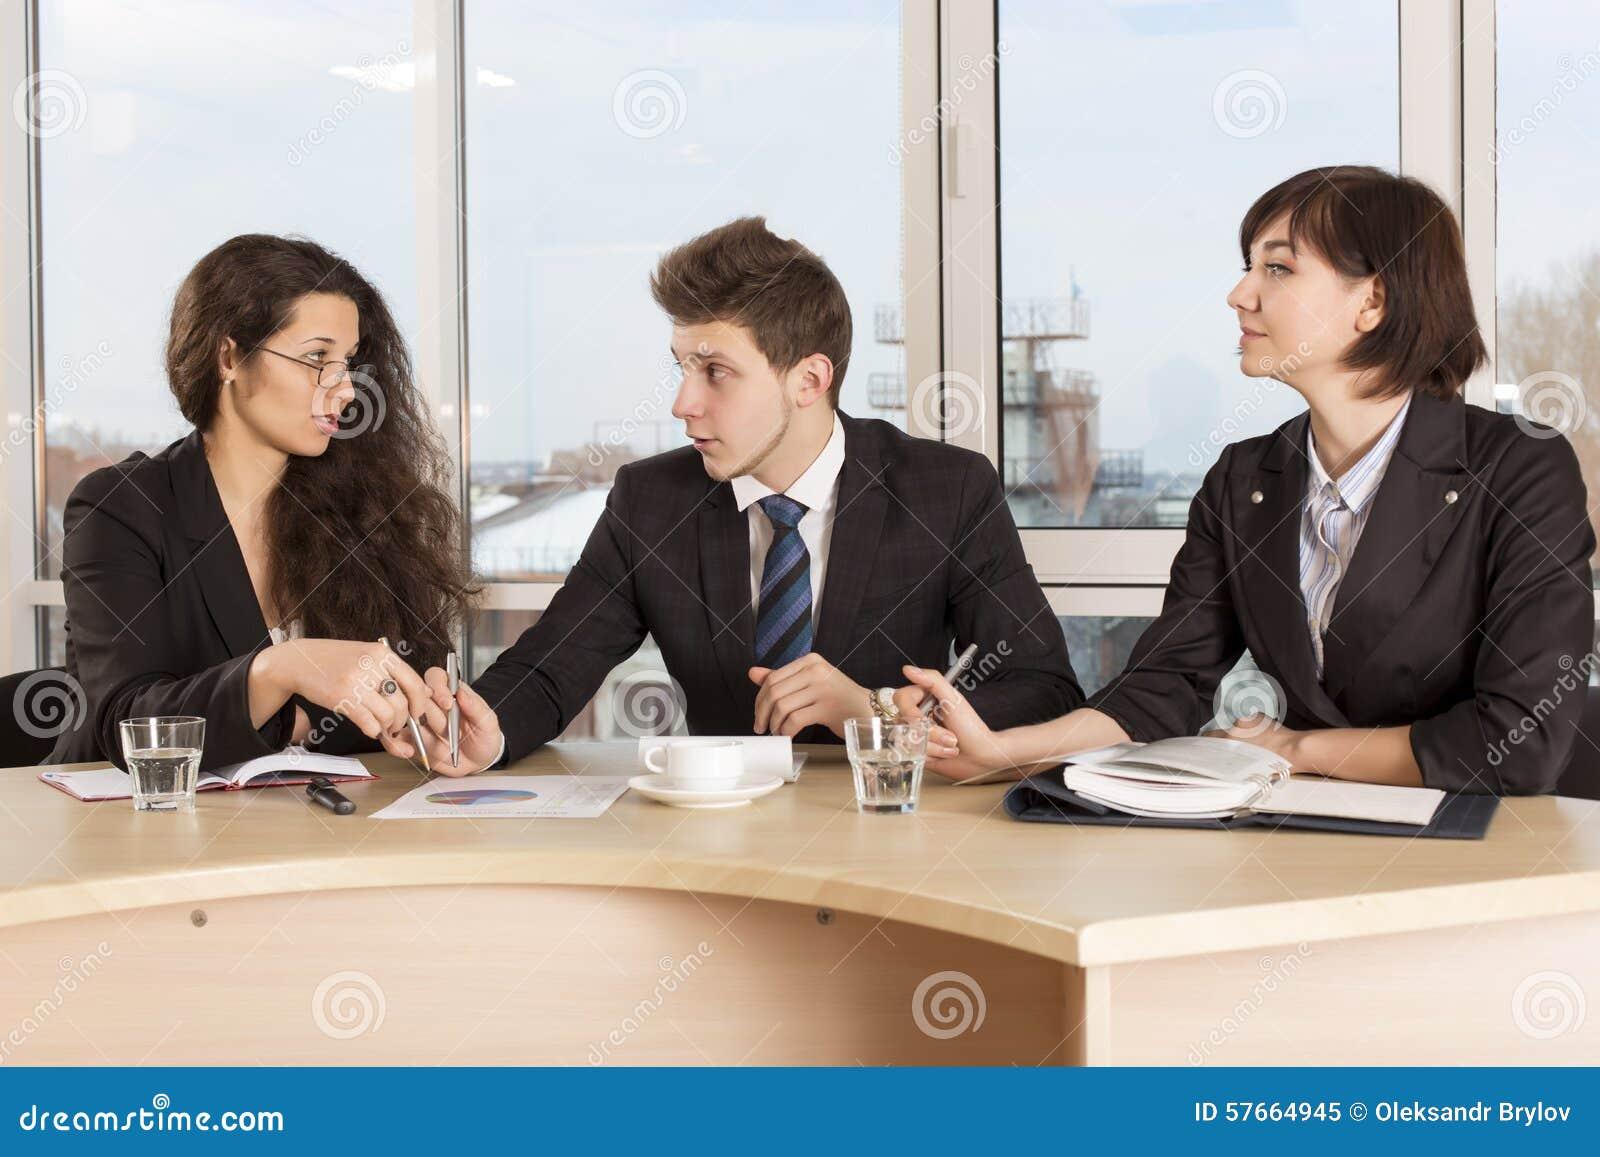 Gorąca dyskusja o pieniężnym wpływie